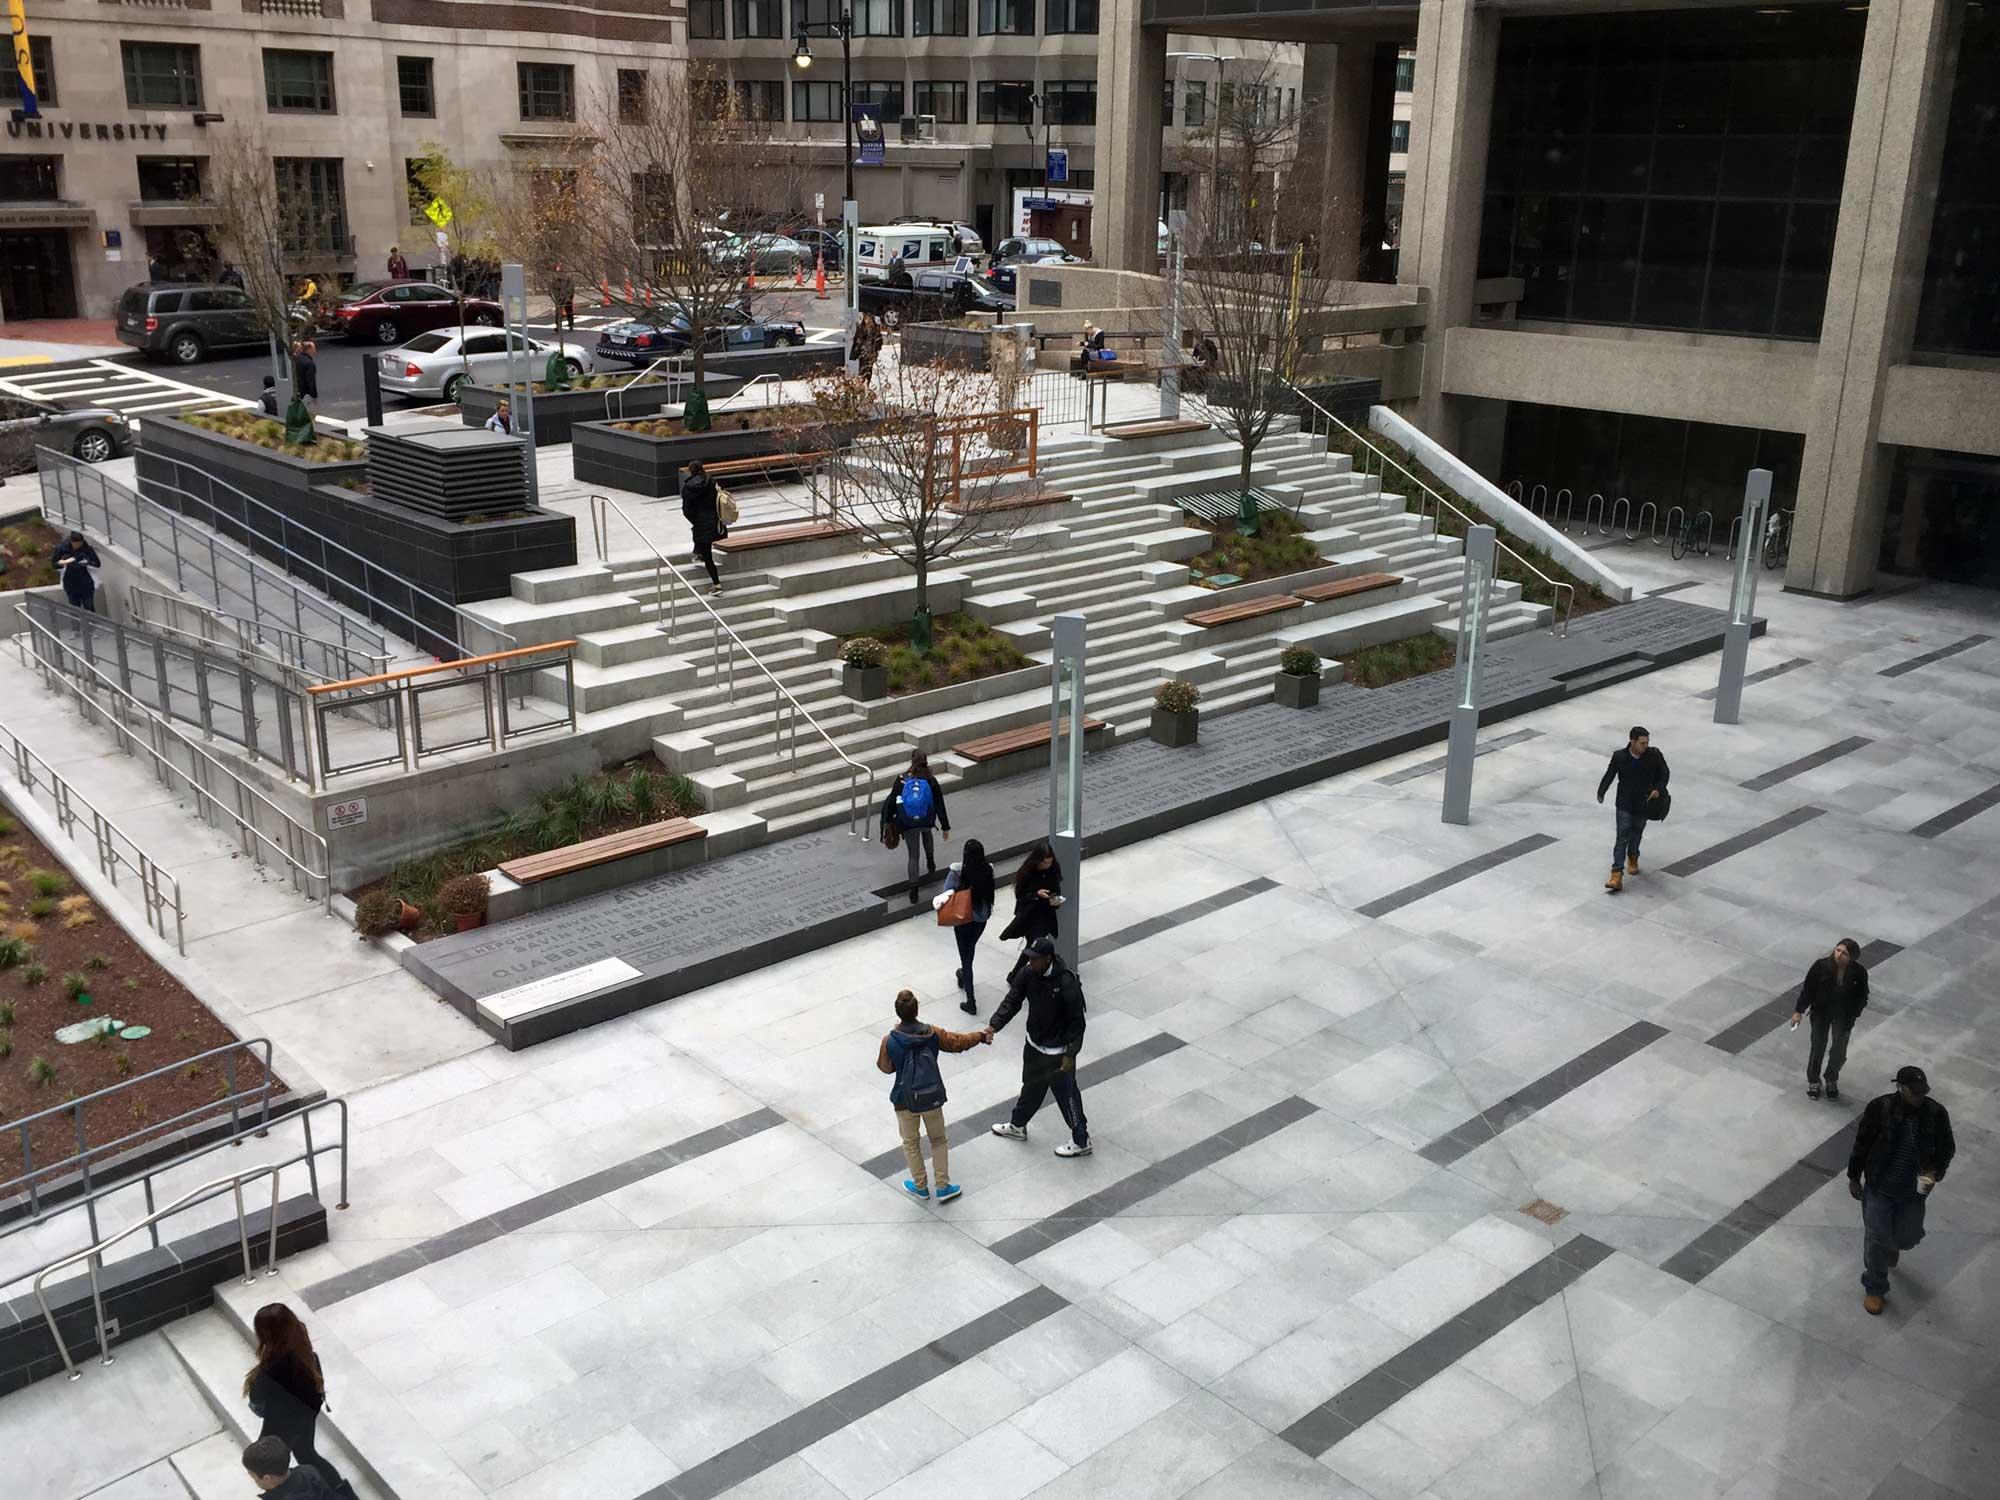 klopfer-martin-design-group-roemer-plaza-completion-01.jpg